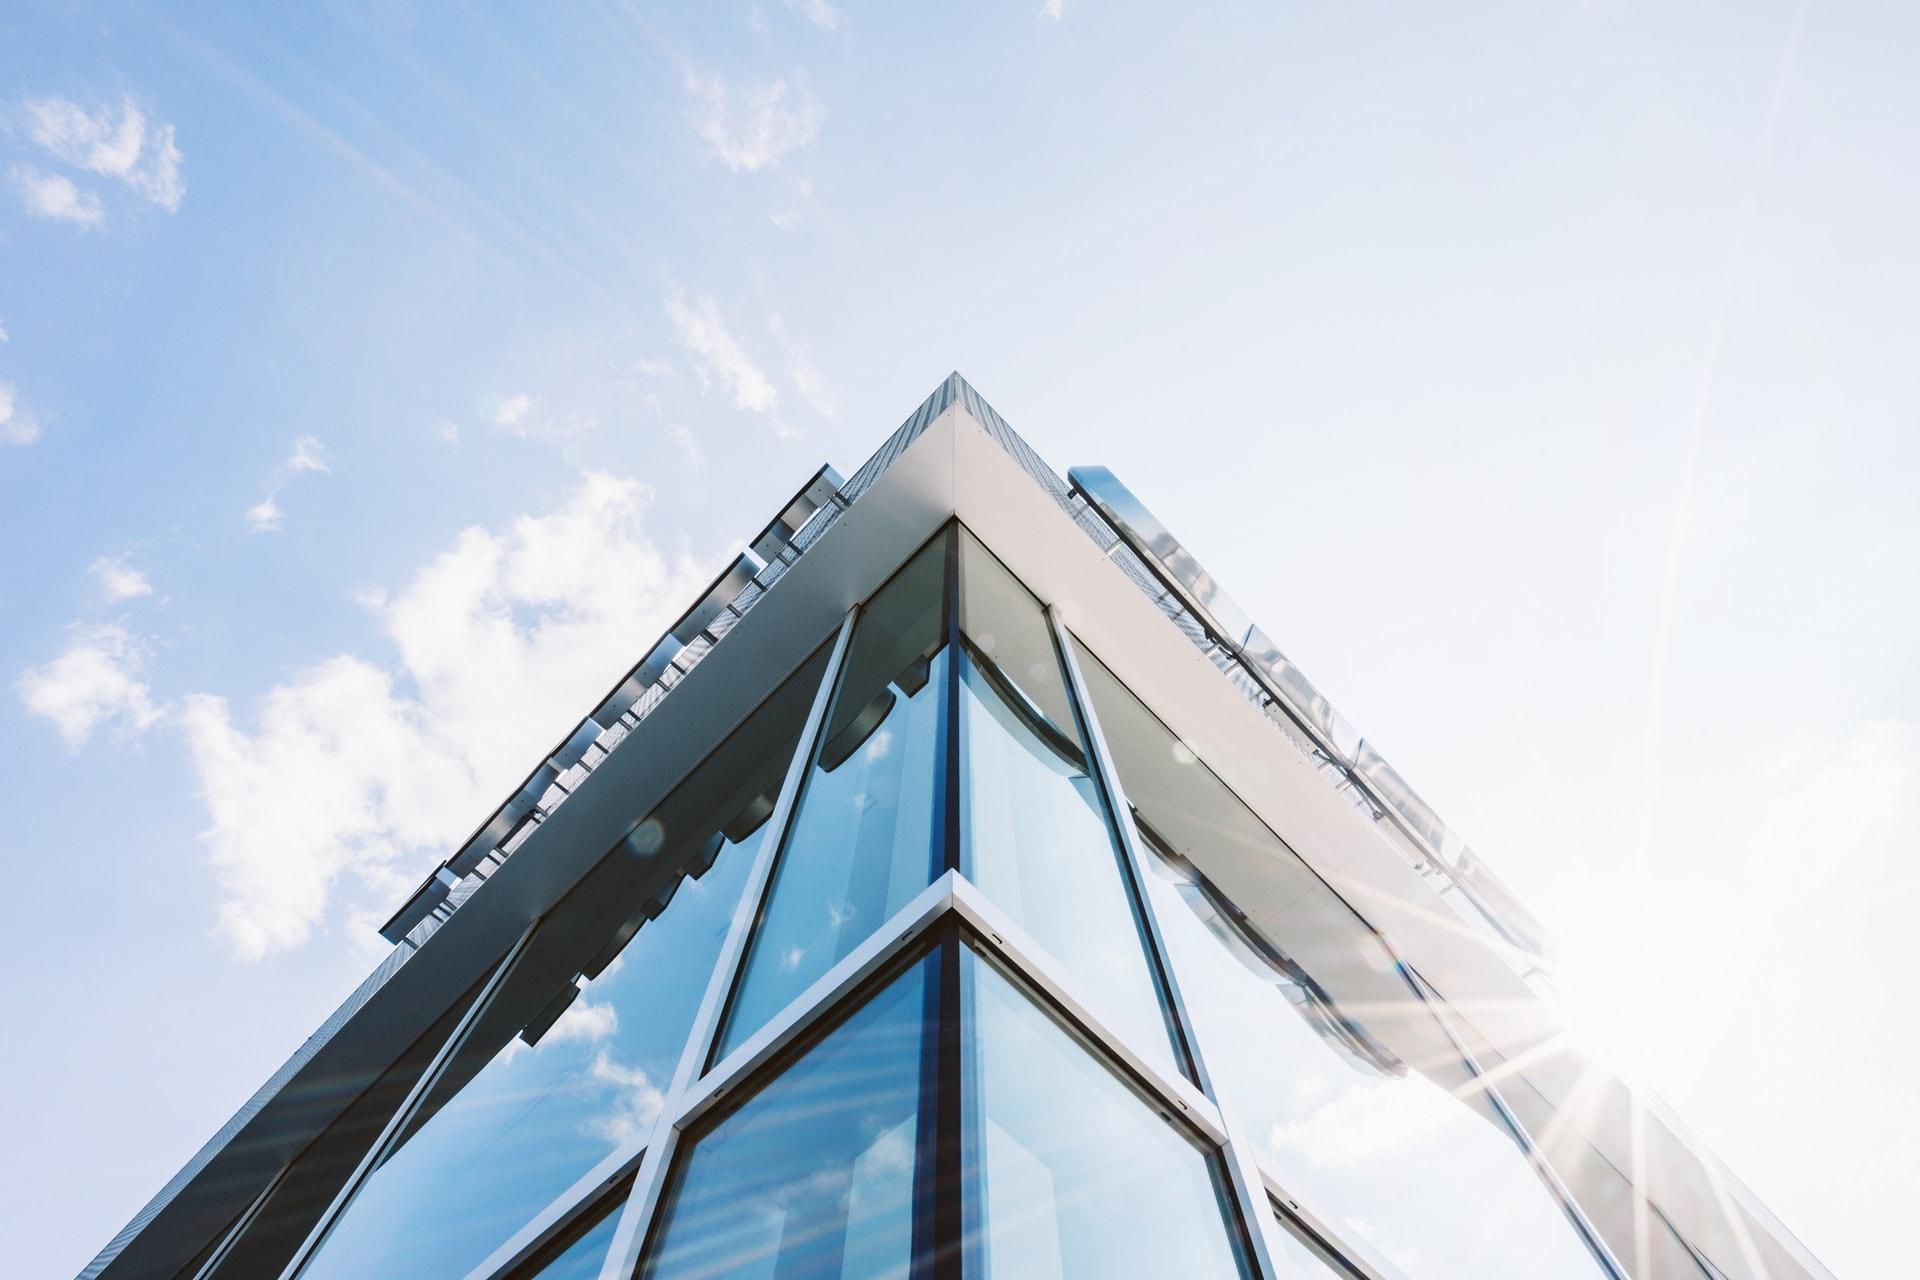 Державна реєстрація права власності у зв'язку з набуттям у власність майна компанією з управління активами